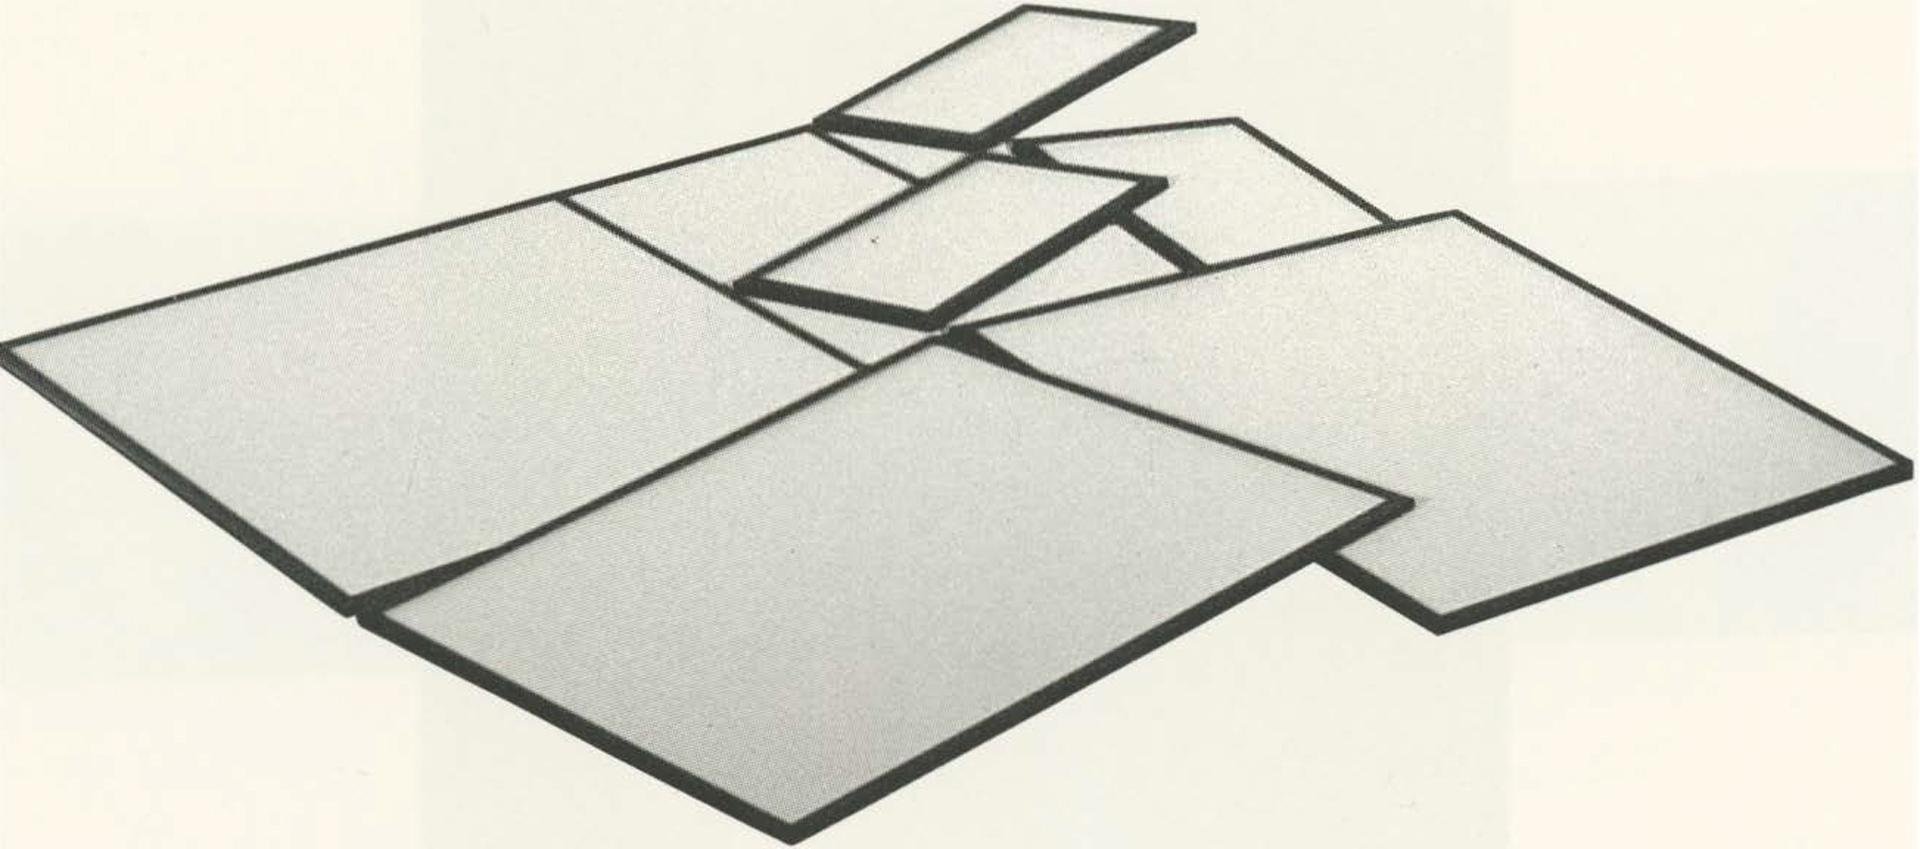 ©n.d., Stephen Keltner, D-3 untitled Angle